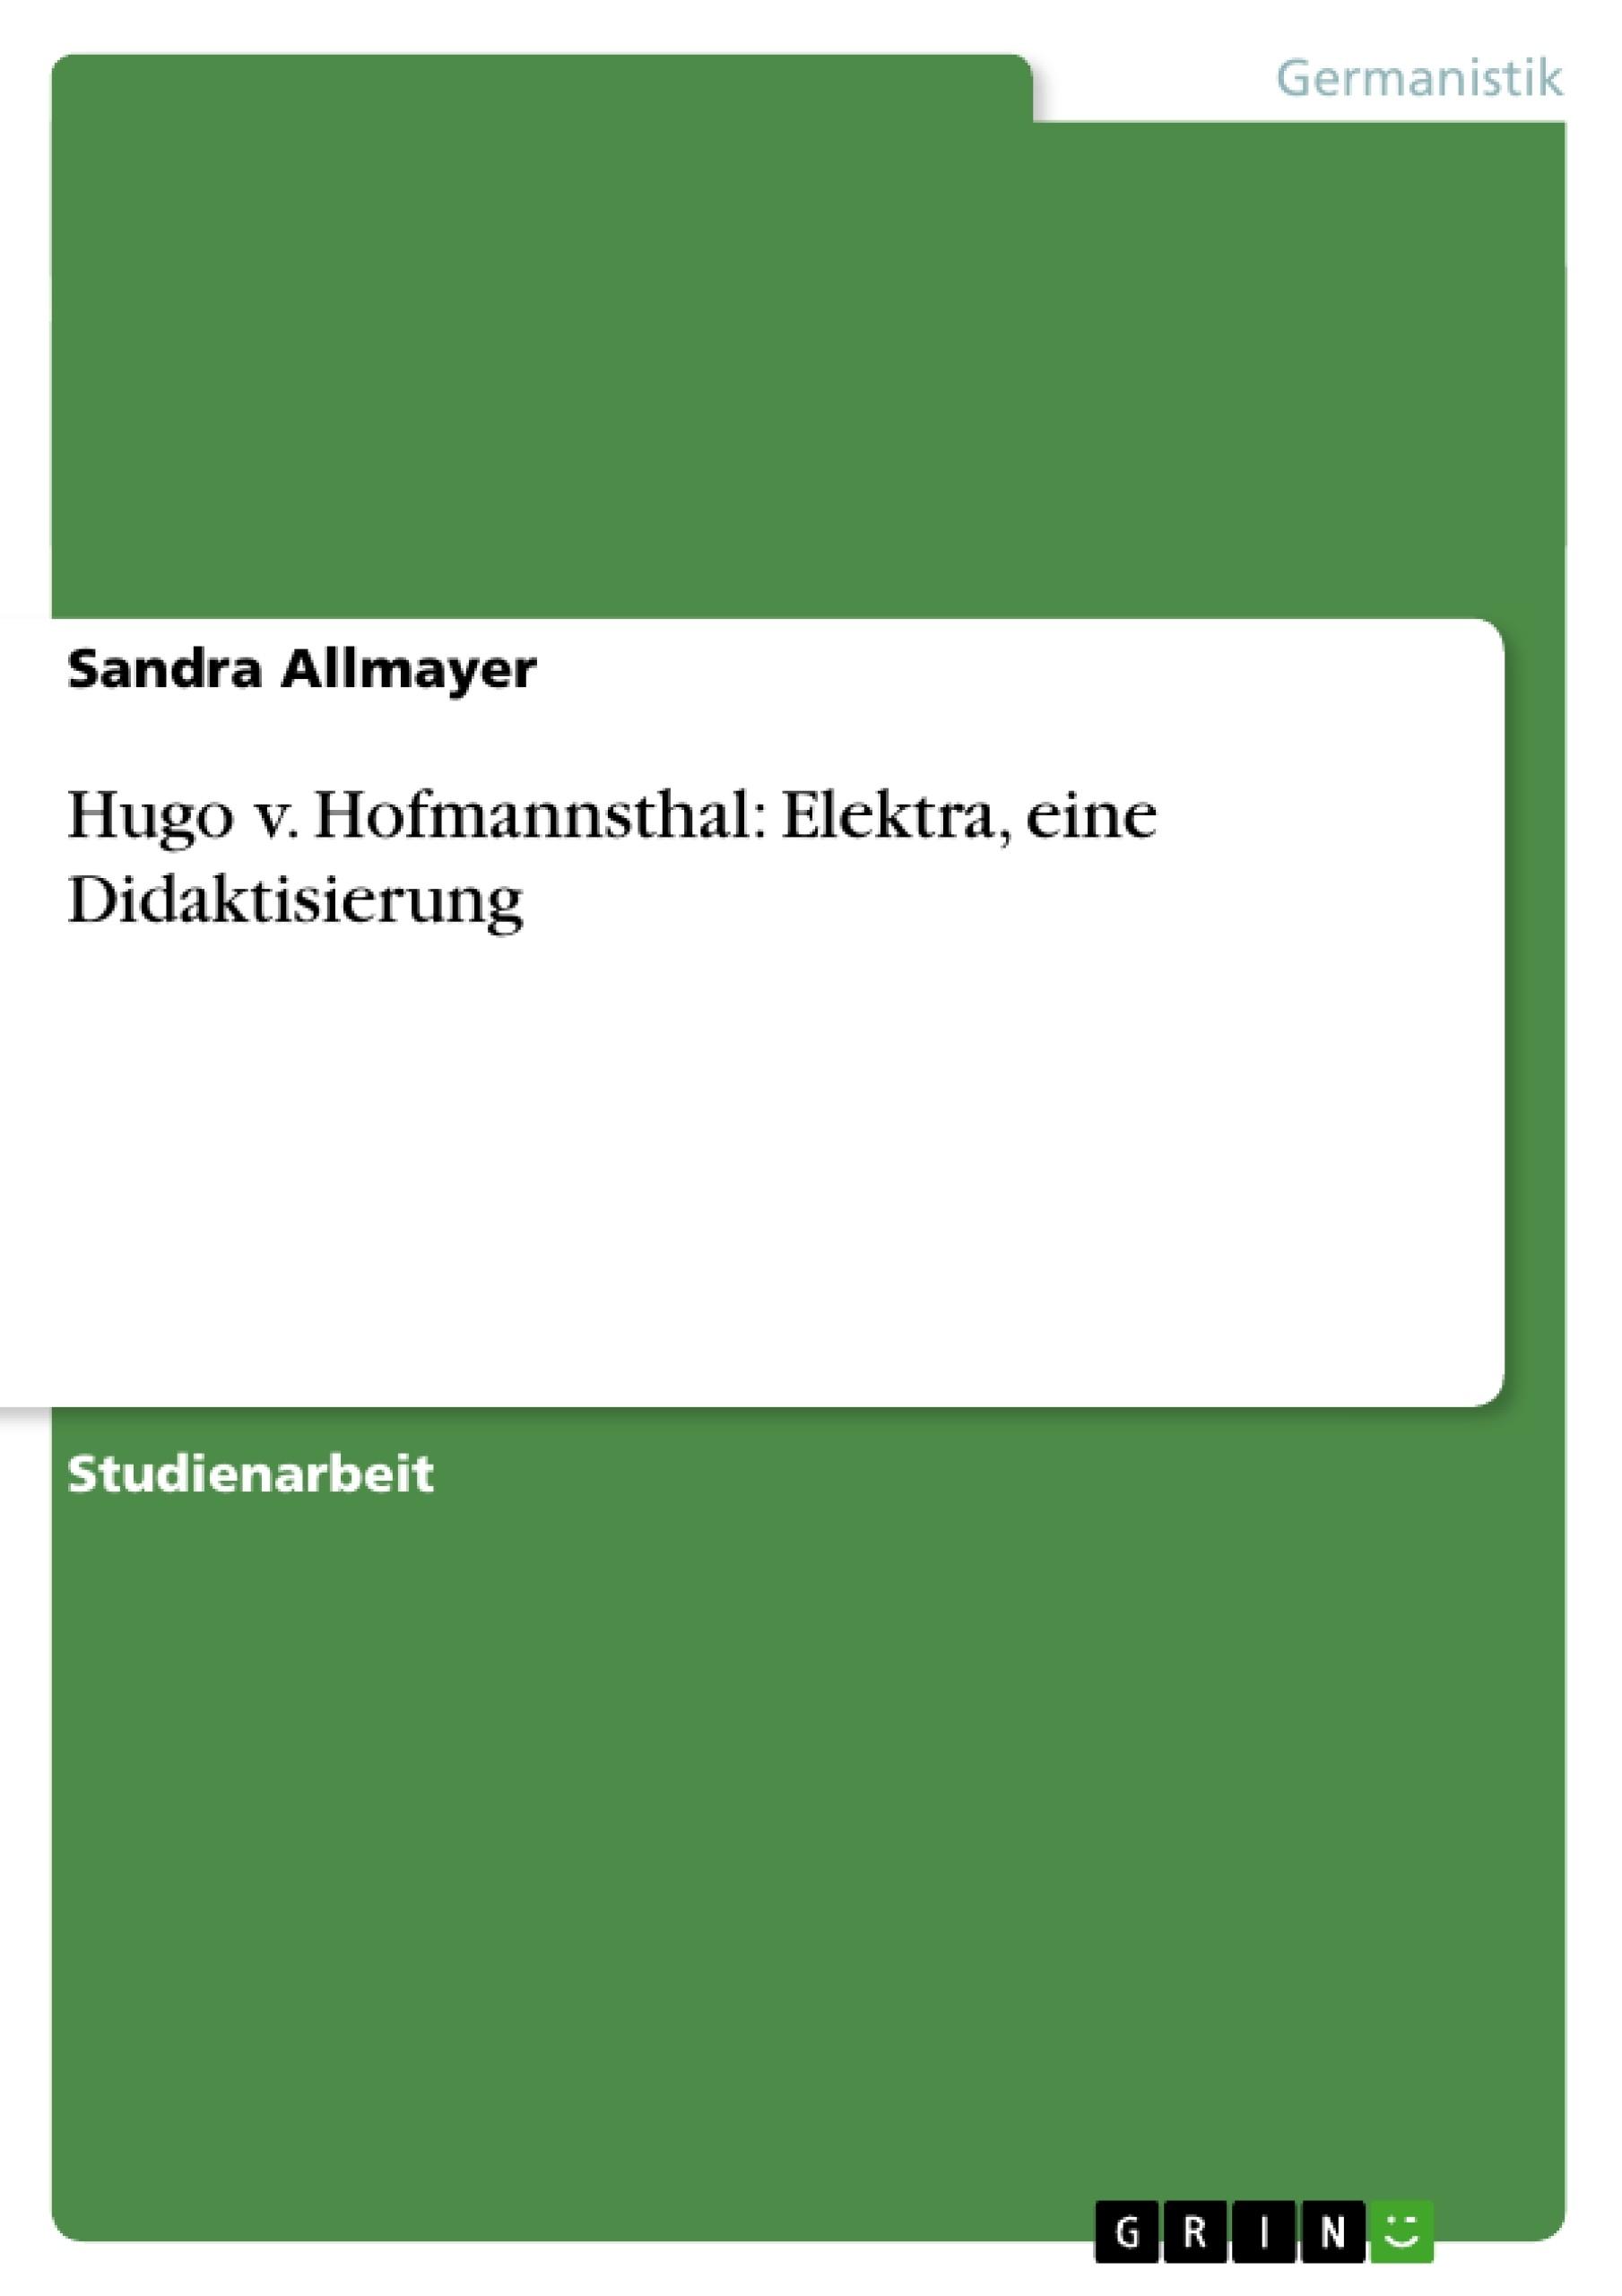 Titel: Hugo v. Hofmannsthal: Elektra, eine Didaktisierung